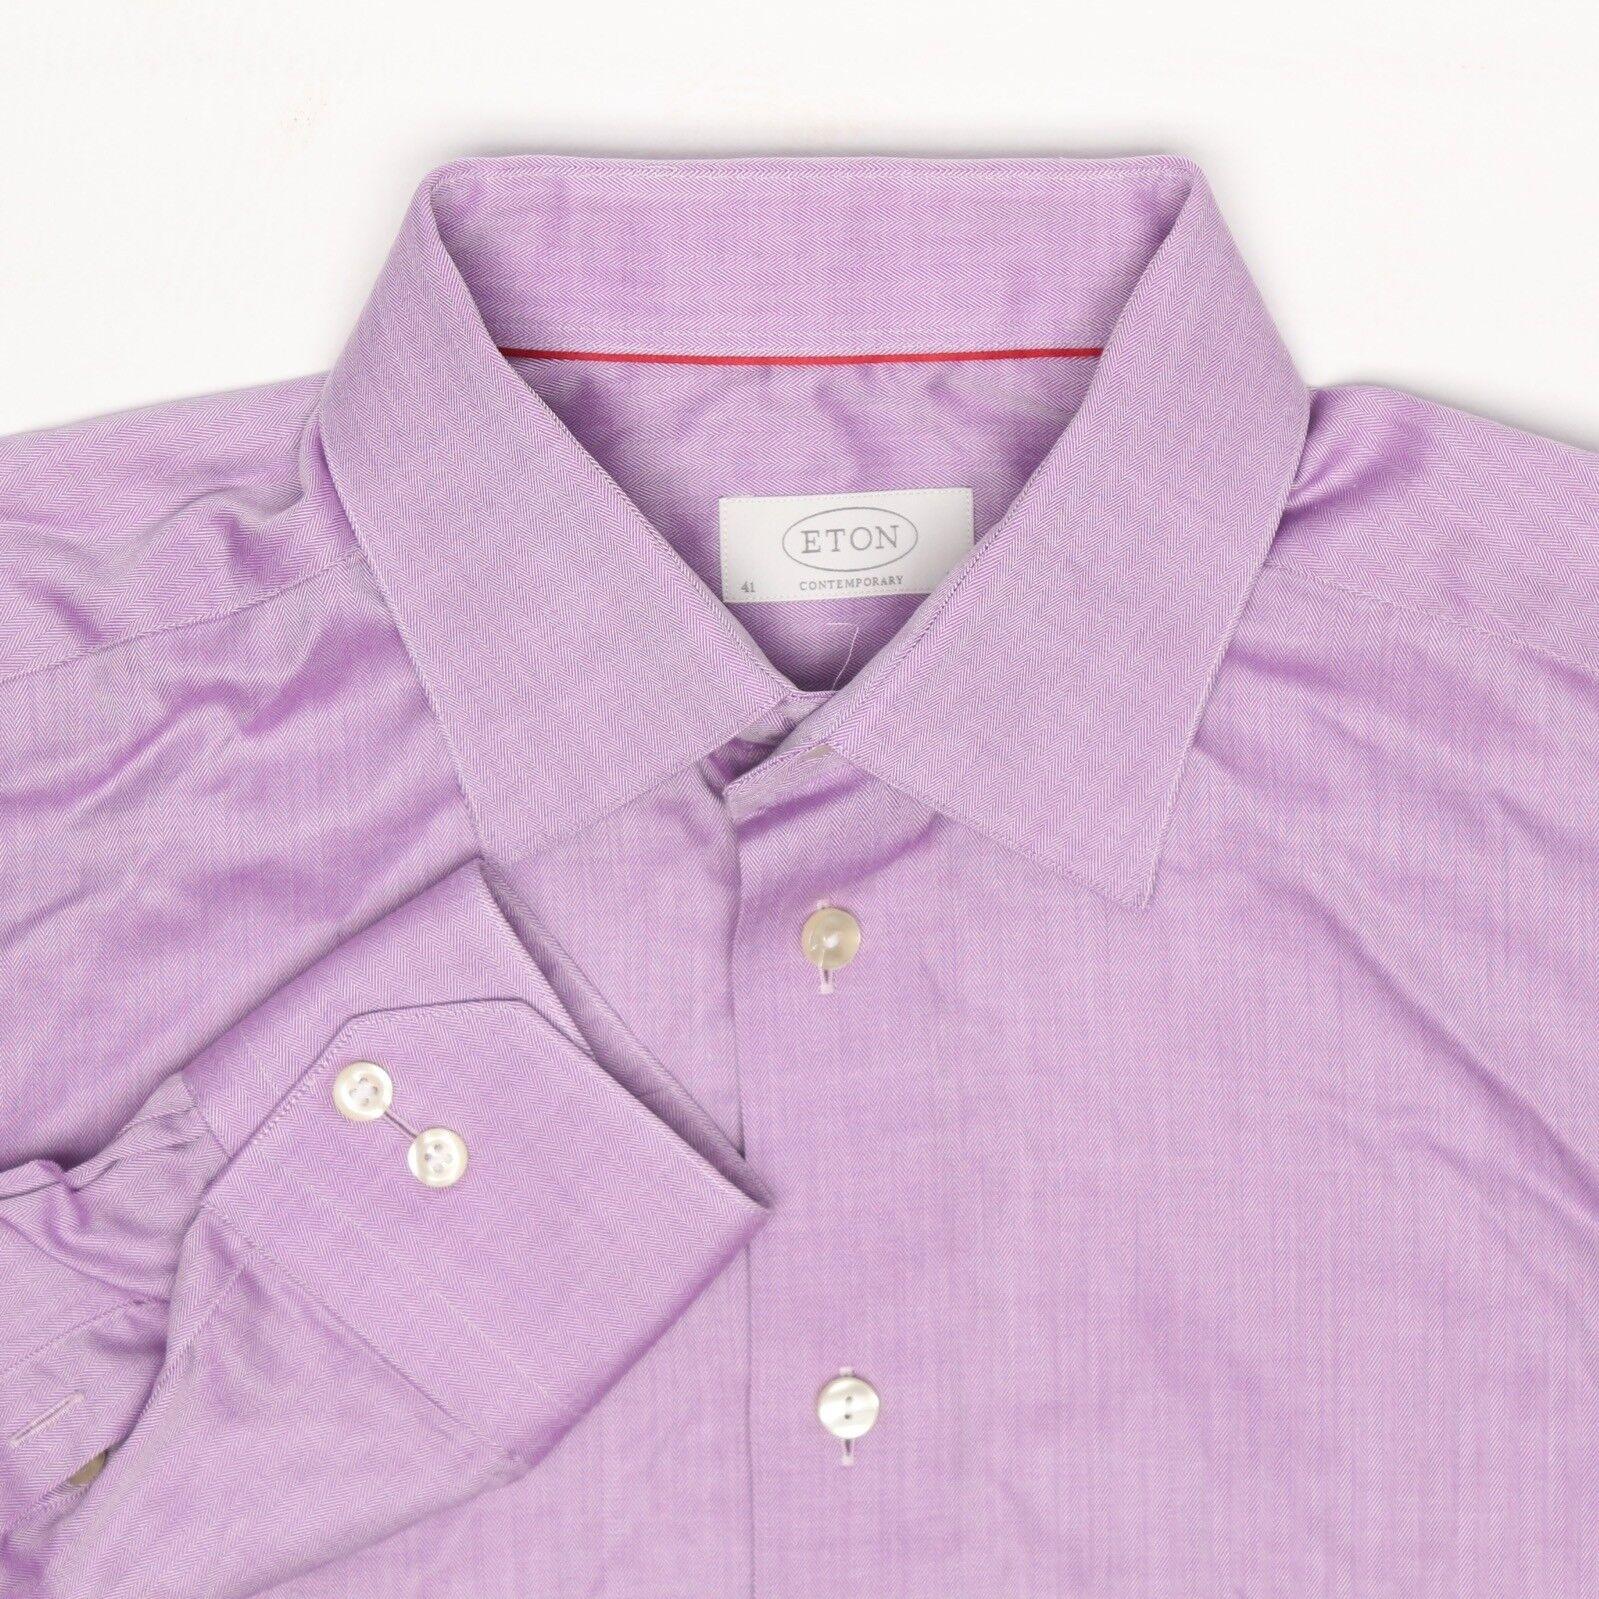 Eton Herren Hemd 16 36 Zeitgenössisch Massiv Lavendel Fischgräten-webart Gewoben